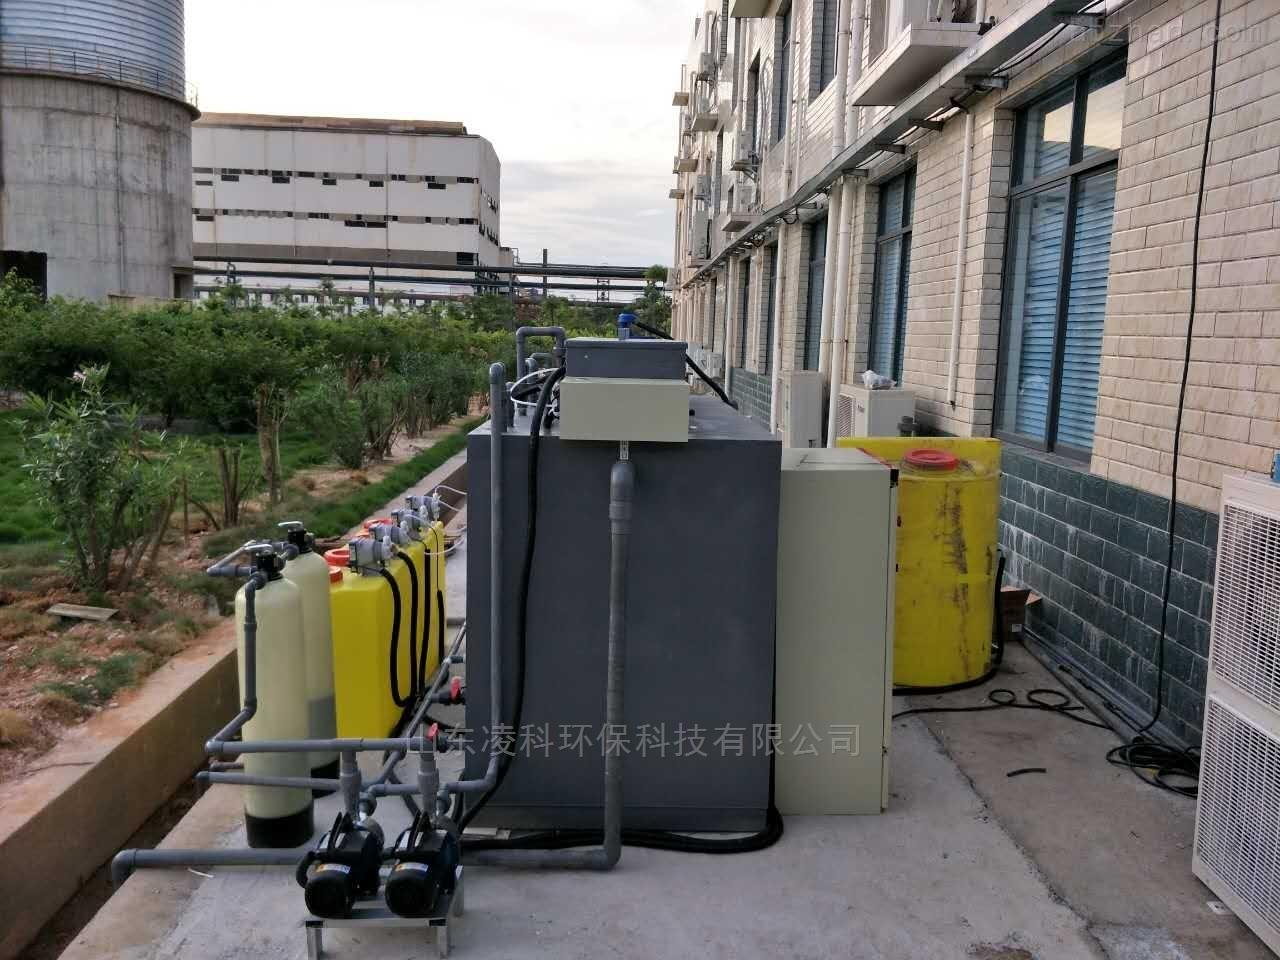 防城港智能实验室污水处理设备如何保养